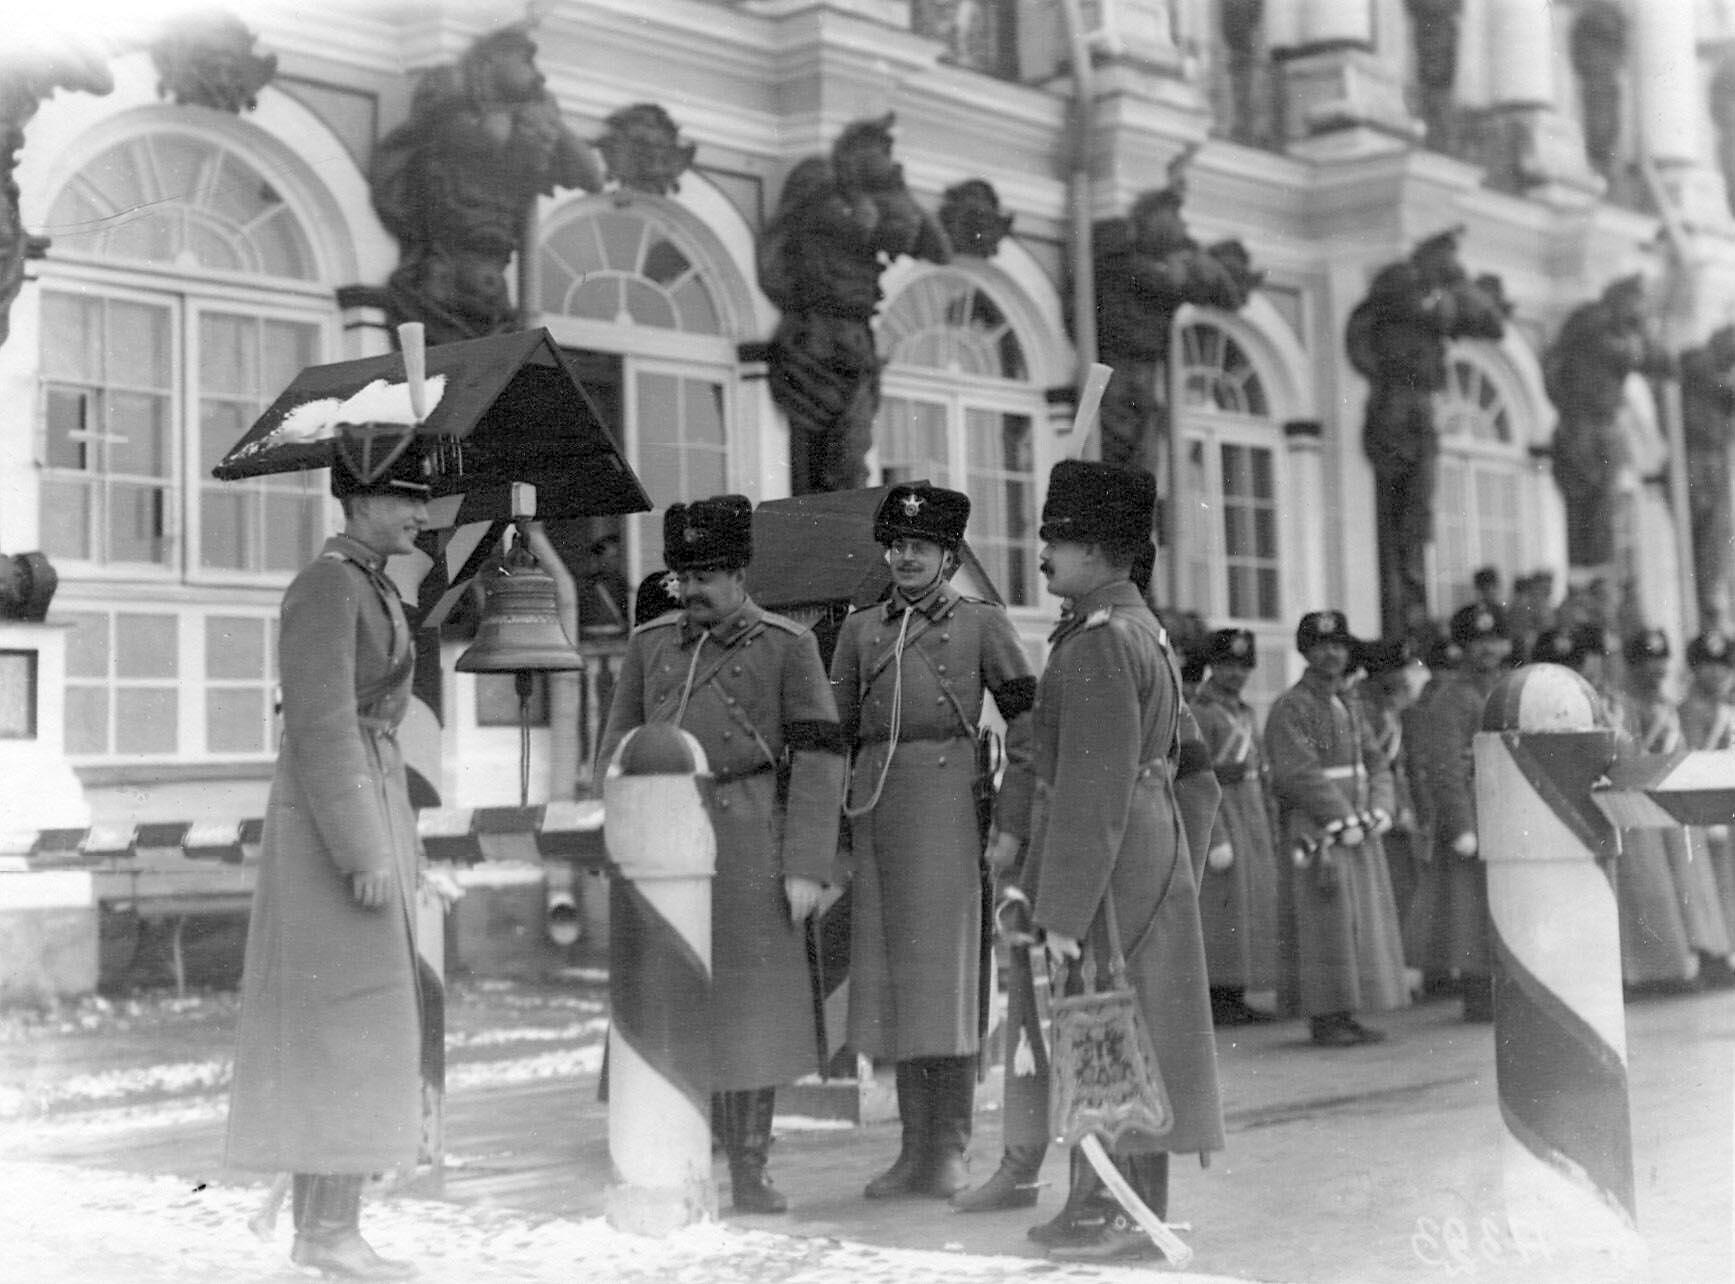 1909-1913. Группа офицеров-гусар в карауле у здания Екатерининского дворца.